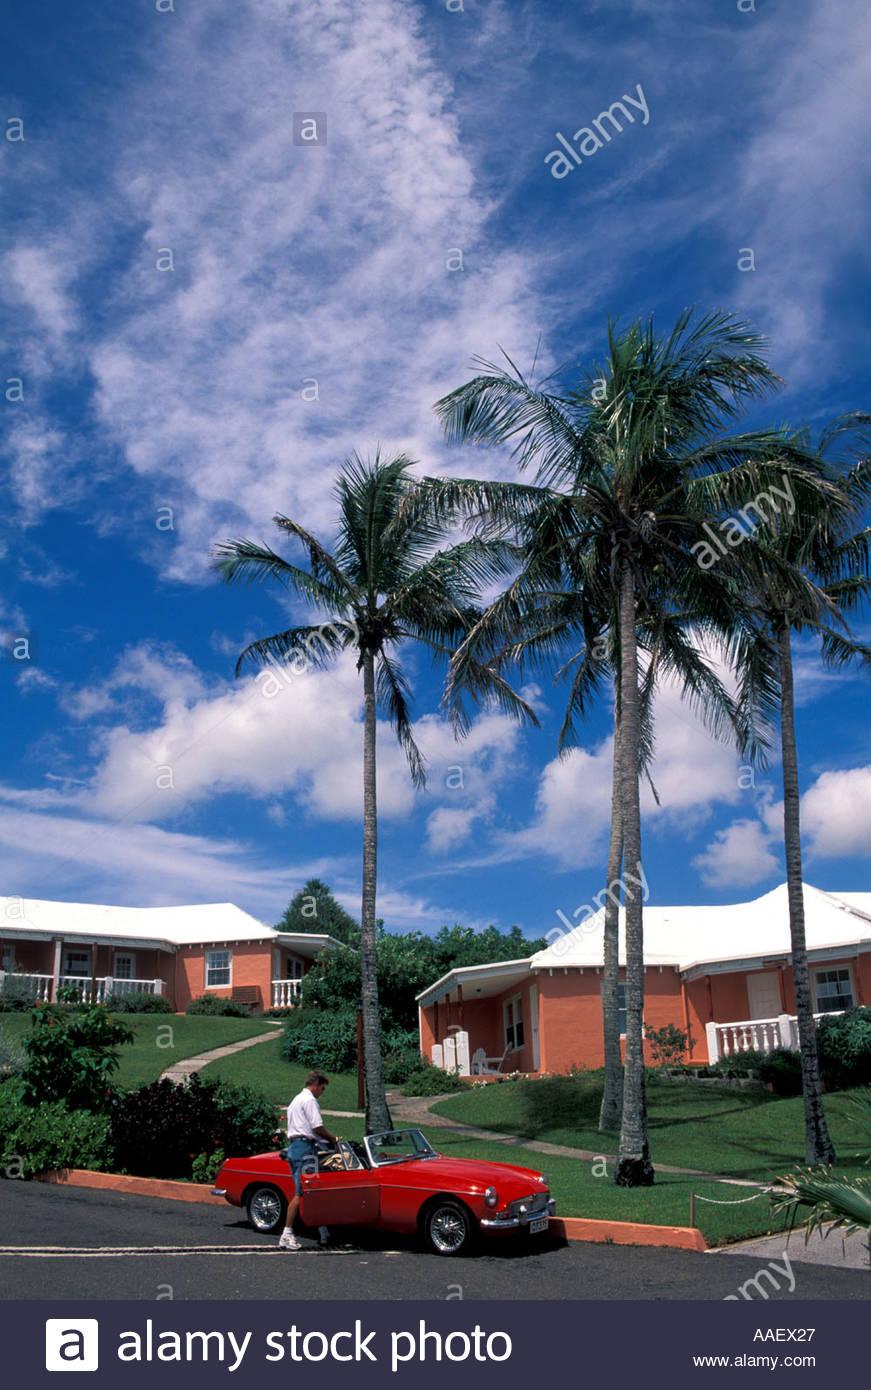 Bermuda Ariel Sands Resort pink buildings palm trees blue sky 871x1390